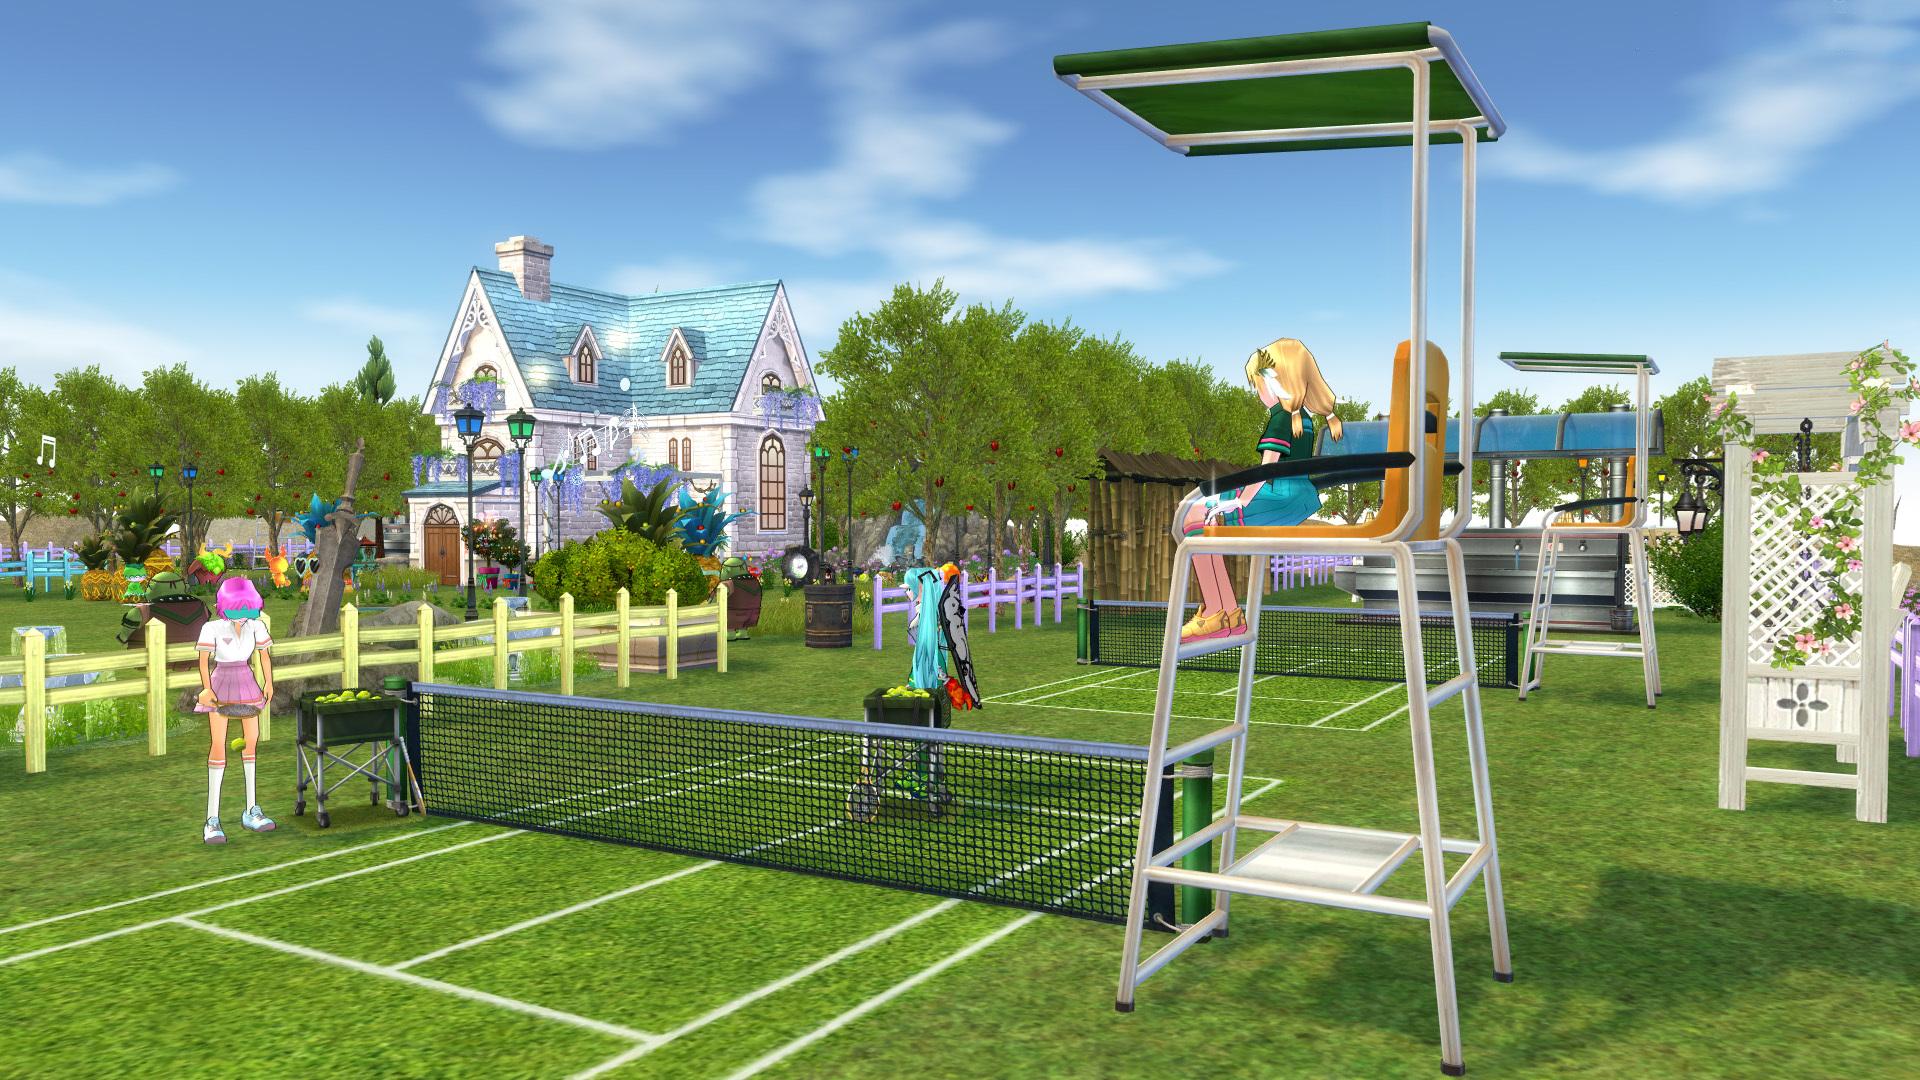 テニスコートとテニスウェア08